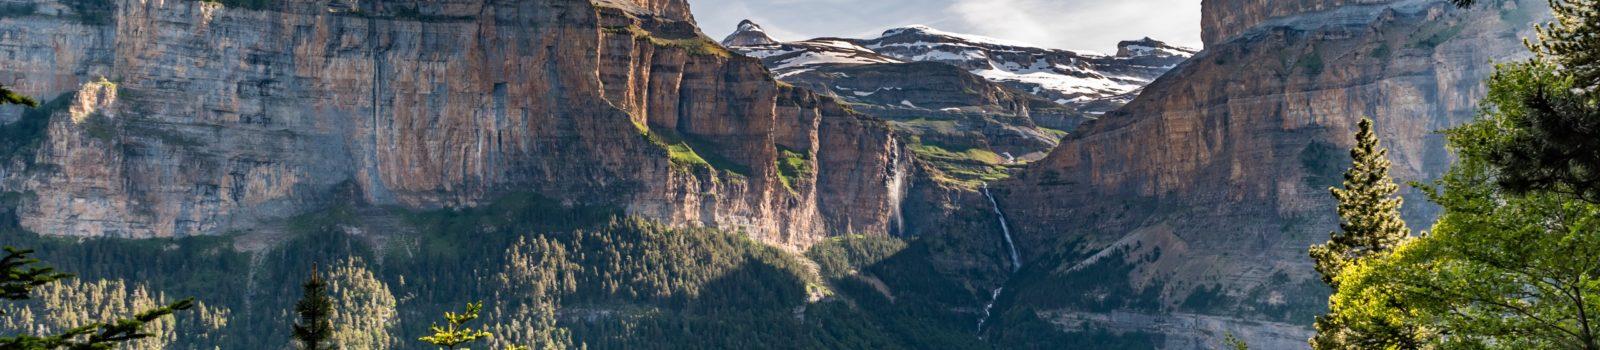 Wanderung Ordesa-Schlucht in den spanischen Pyrenäen